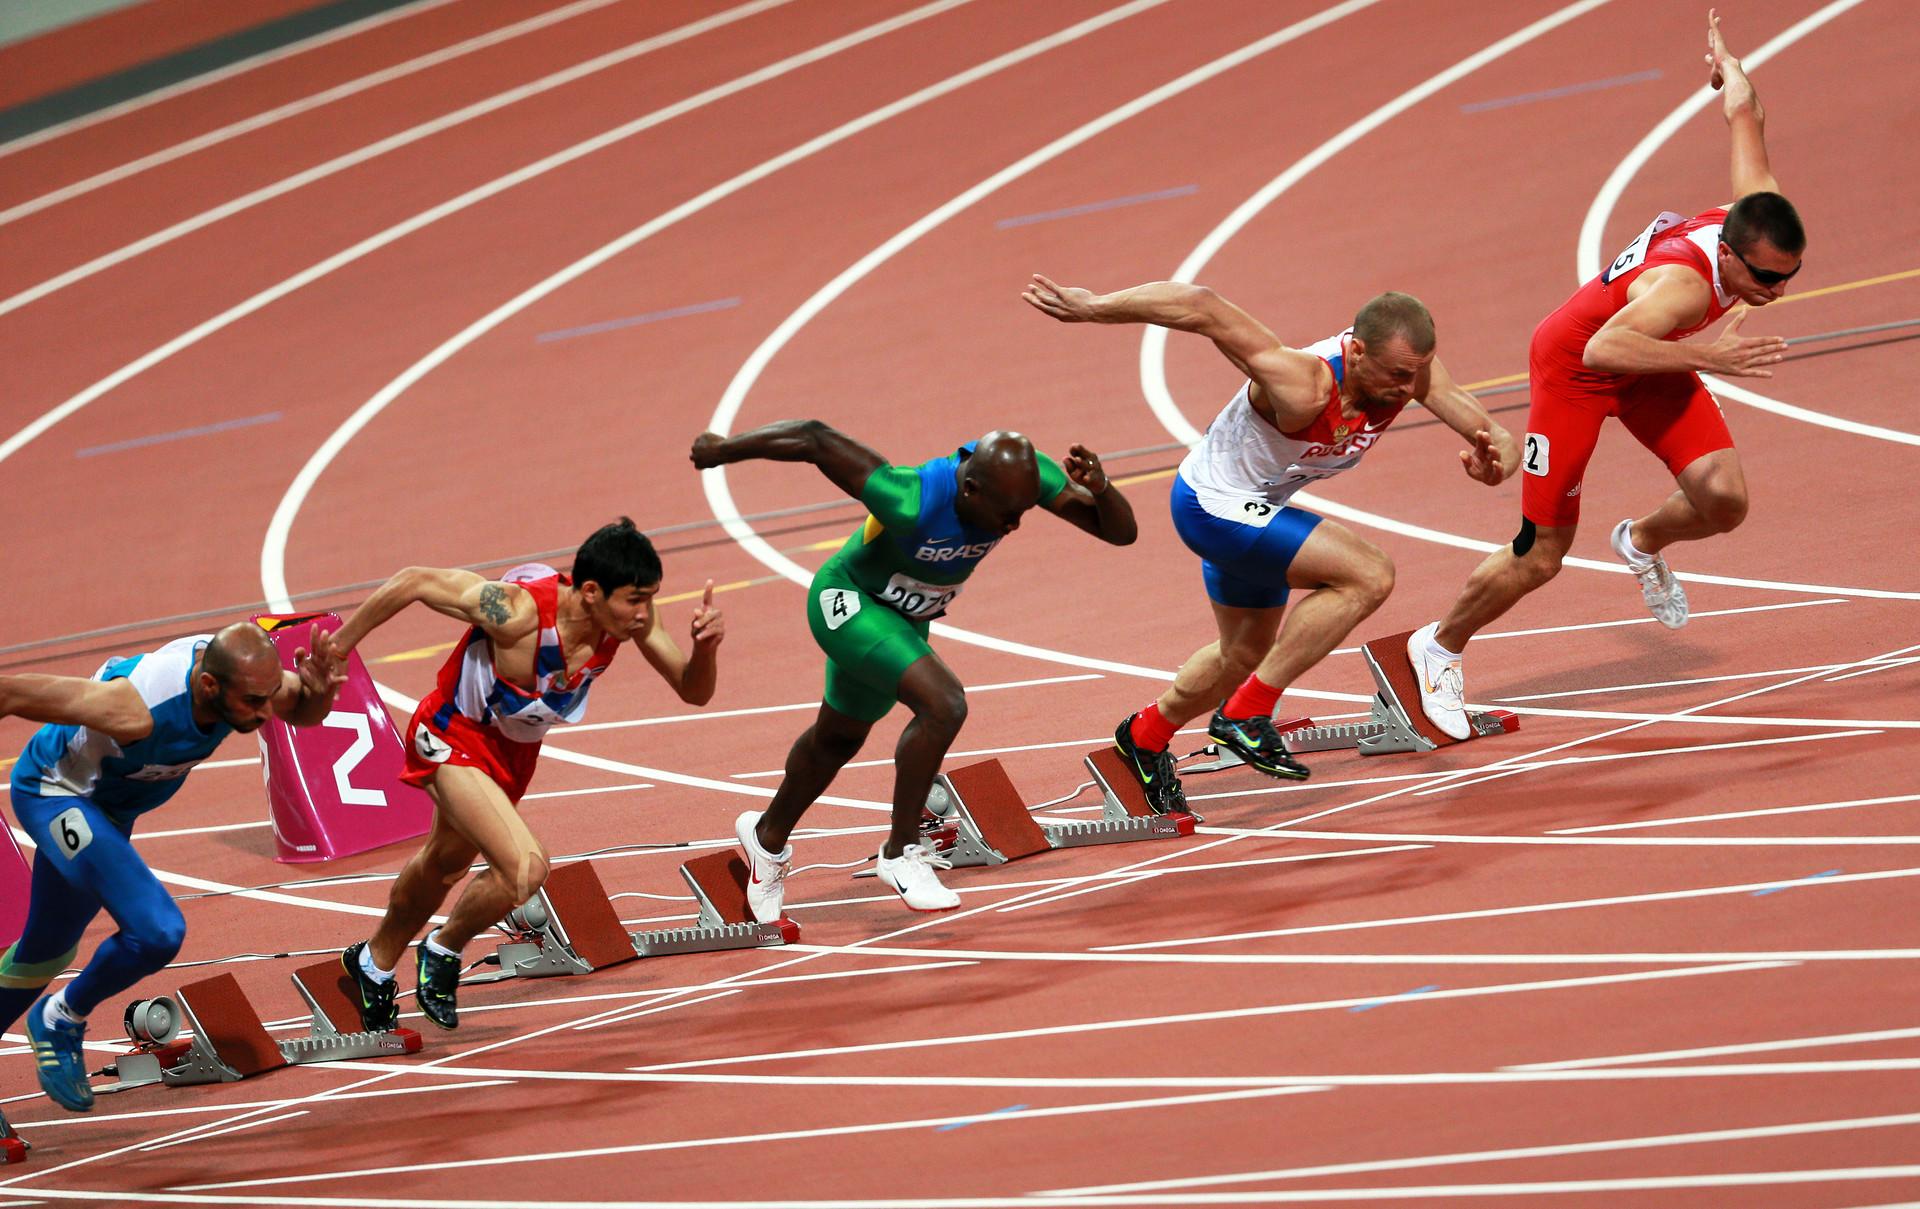 Быстрота (физическое качество) — sportwiki энциклопедия